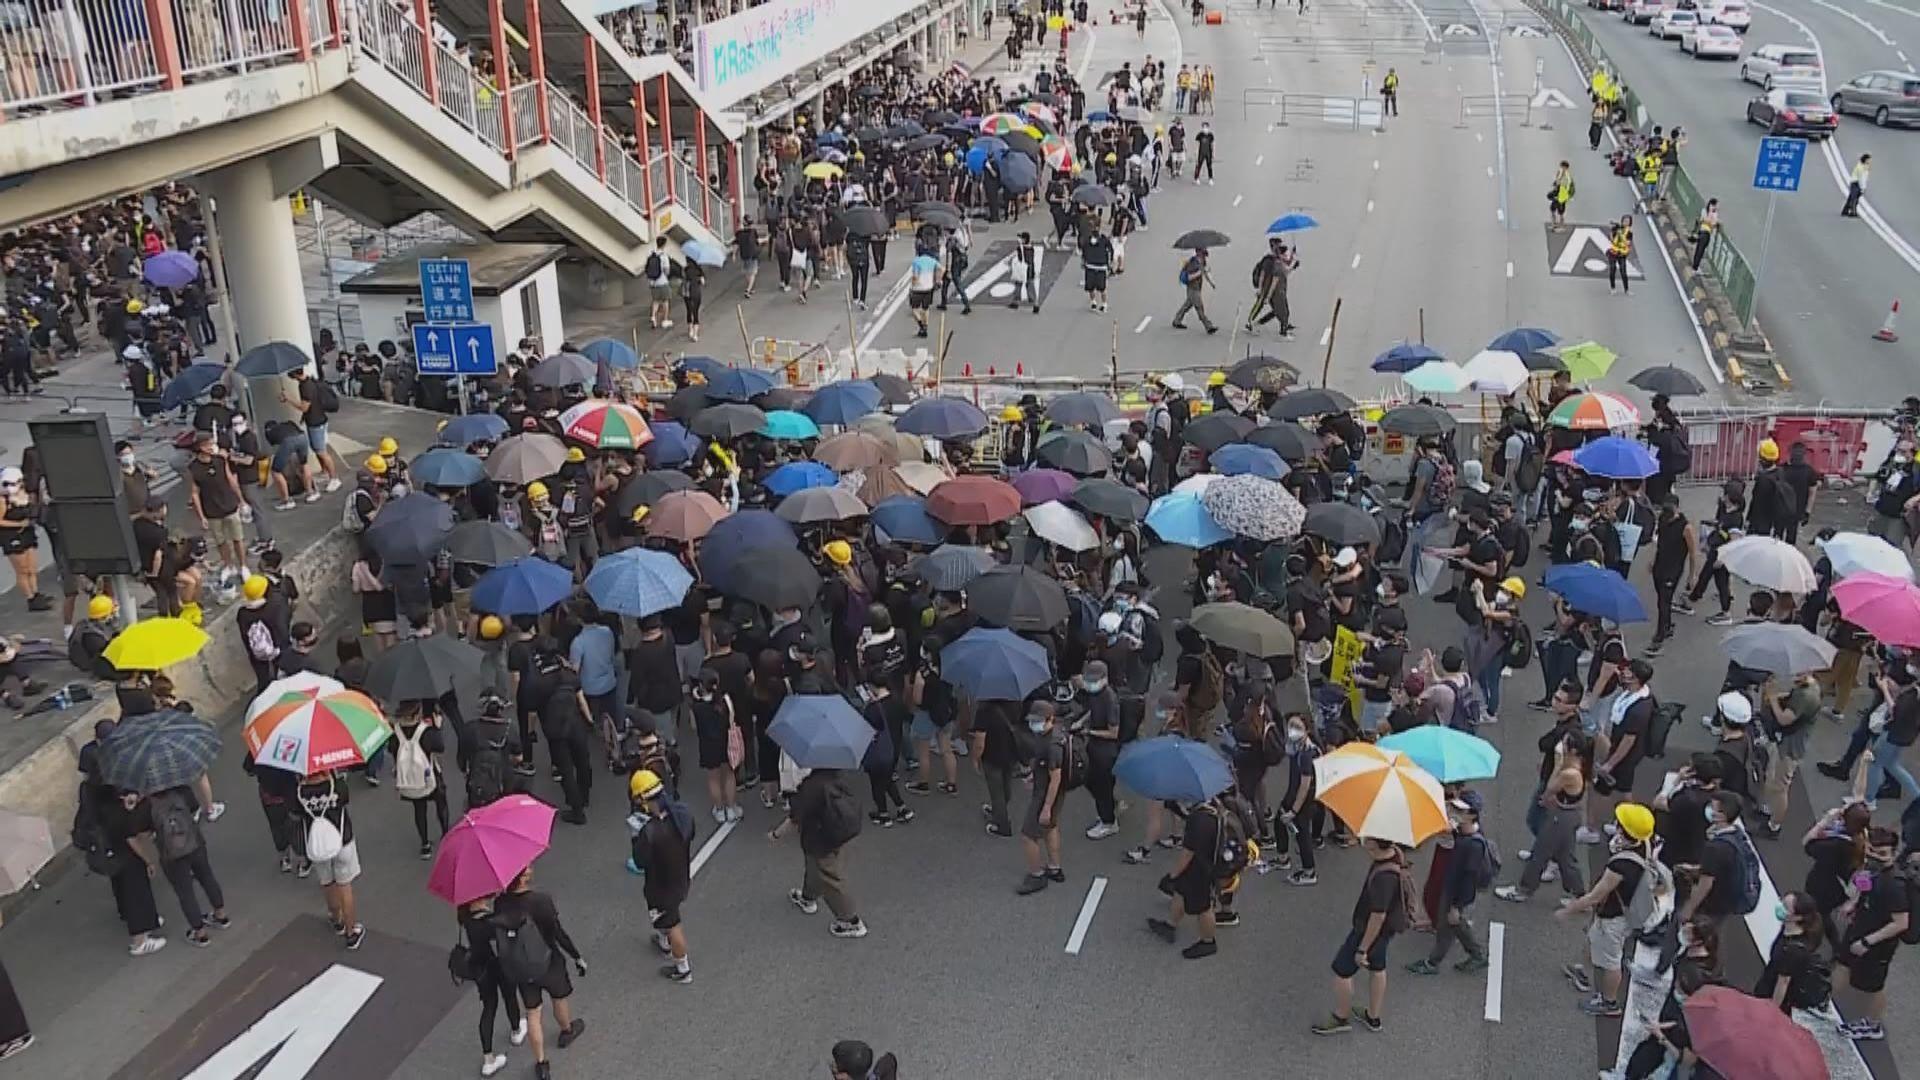 示威者尖沙咀警署外集結 部分人堵塞紅隧